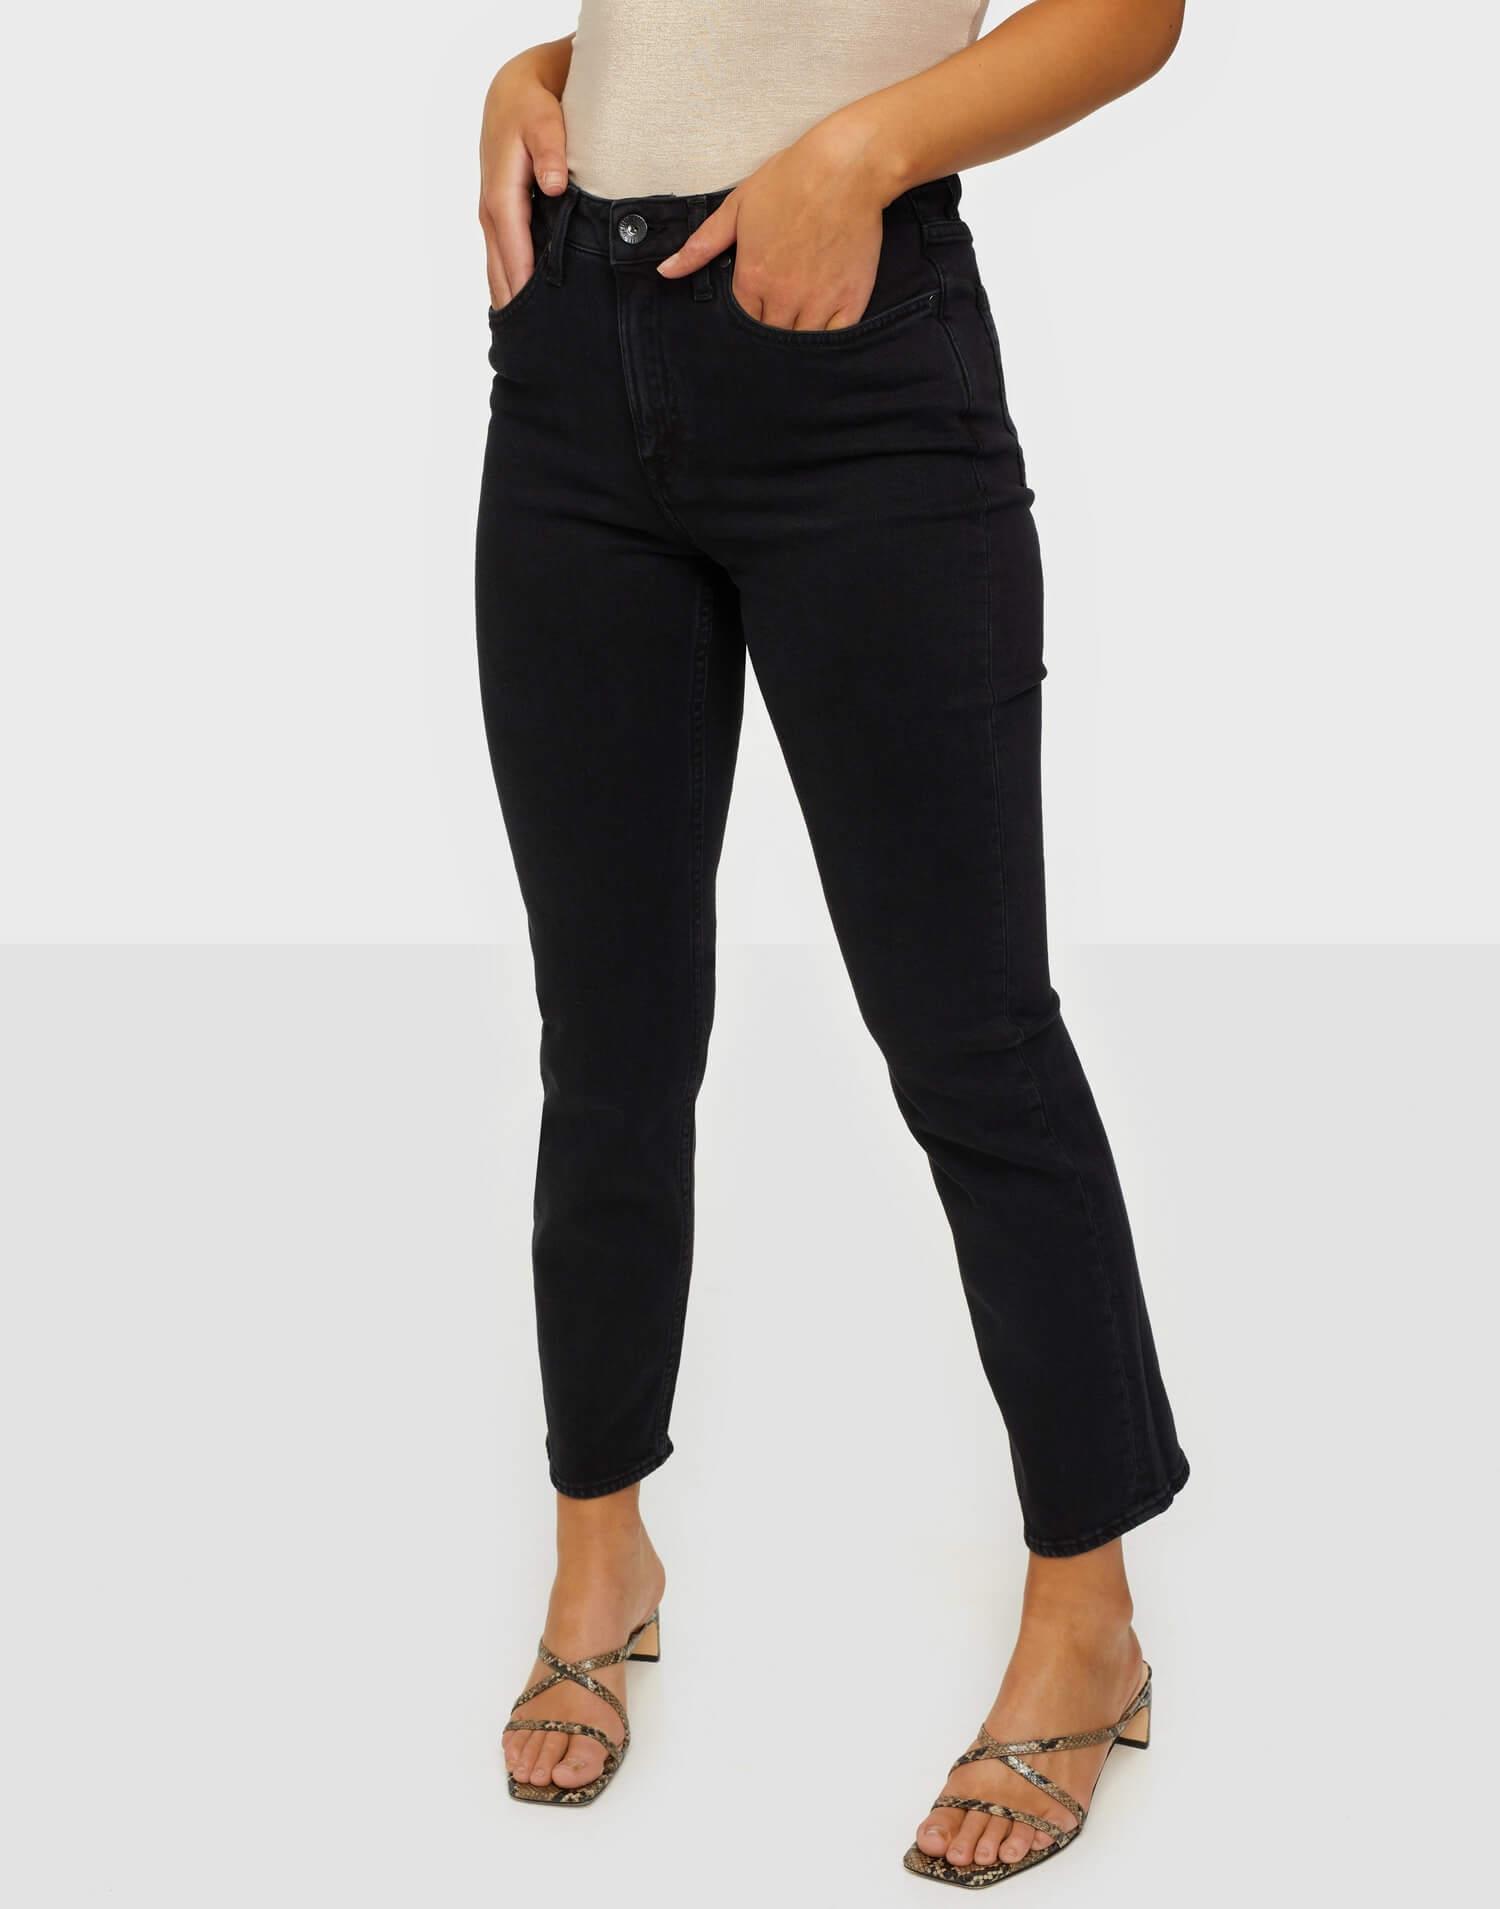 Ett par svarta jeans från Tiger of Sweden.